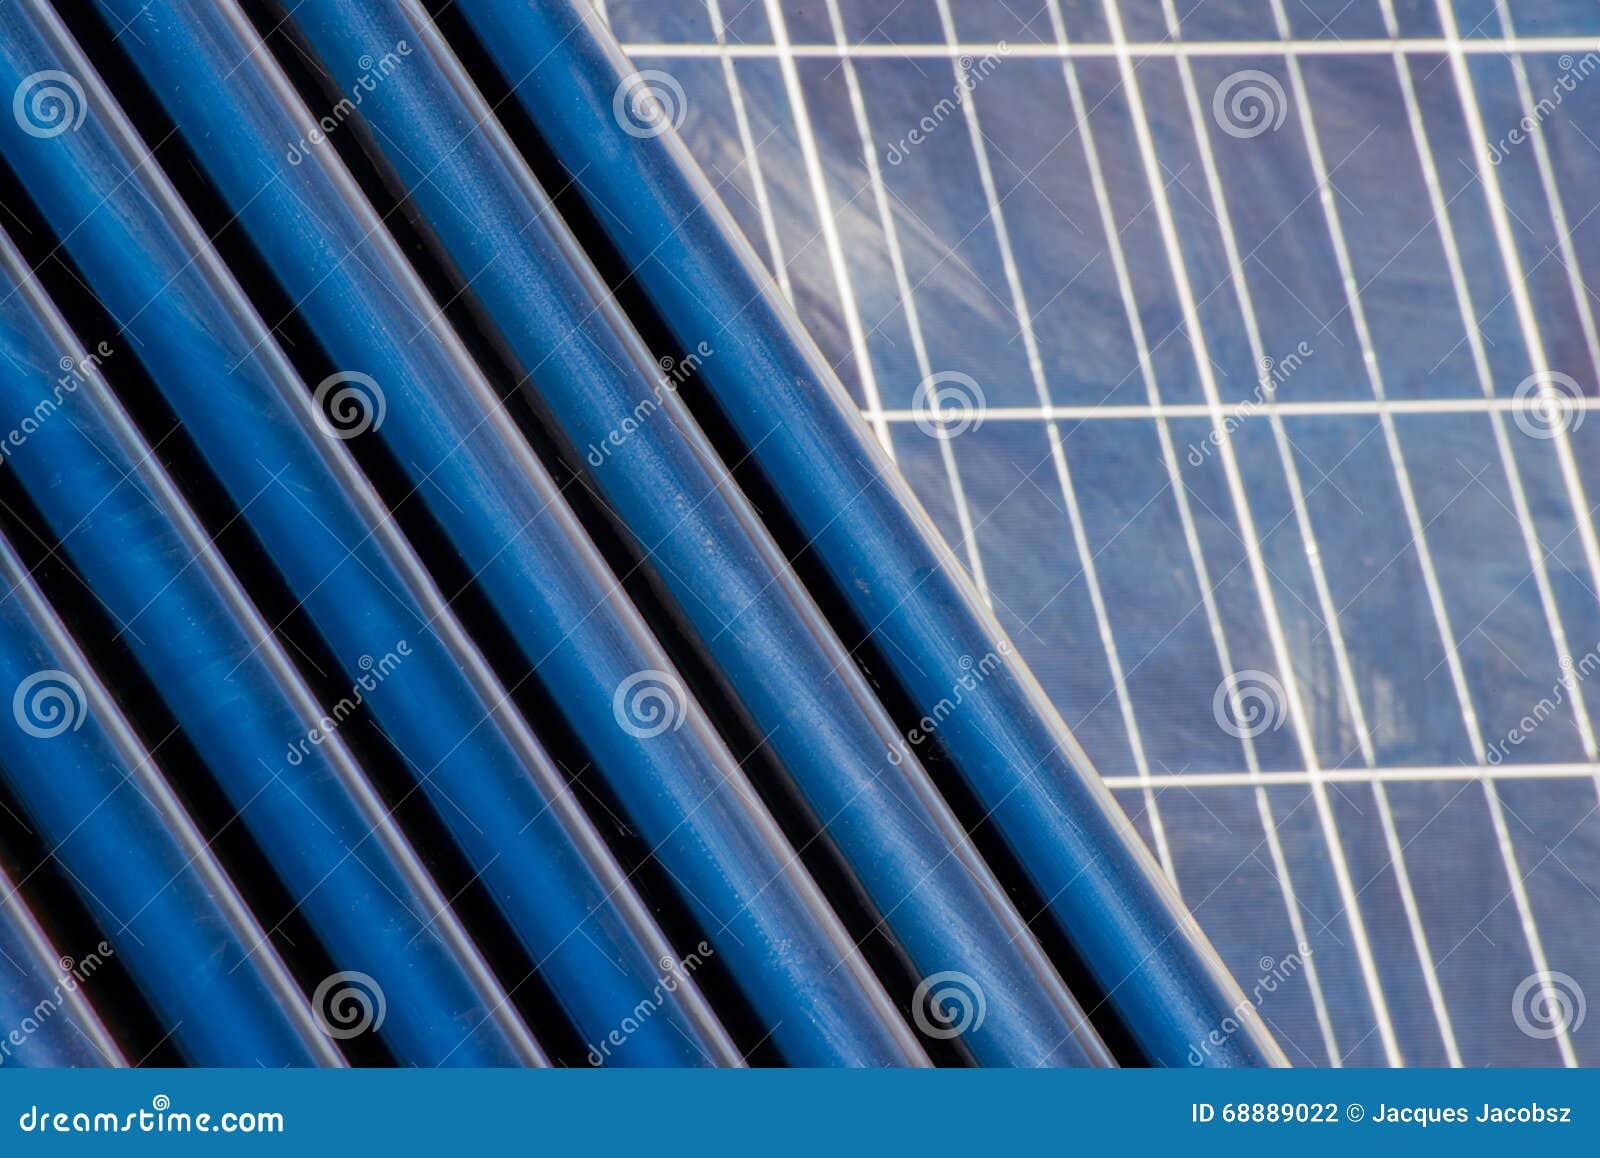 Tubi del riscaldamento solare davanti ad un pannello solare